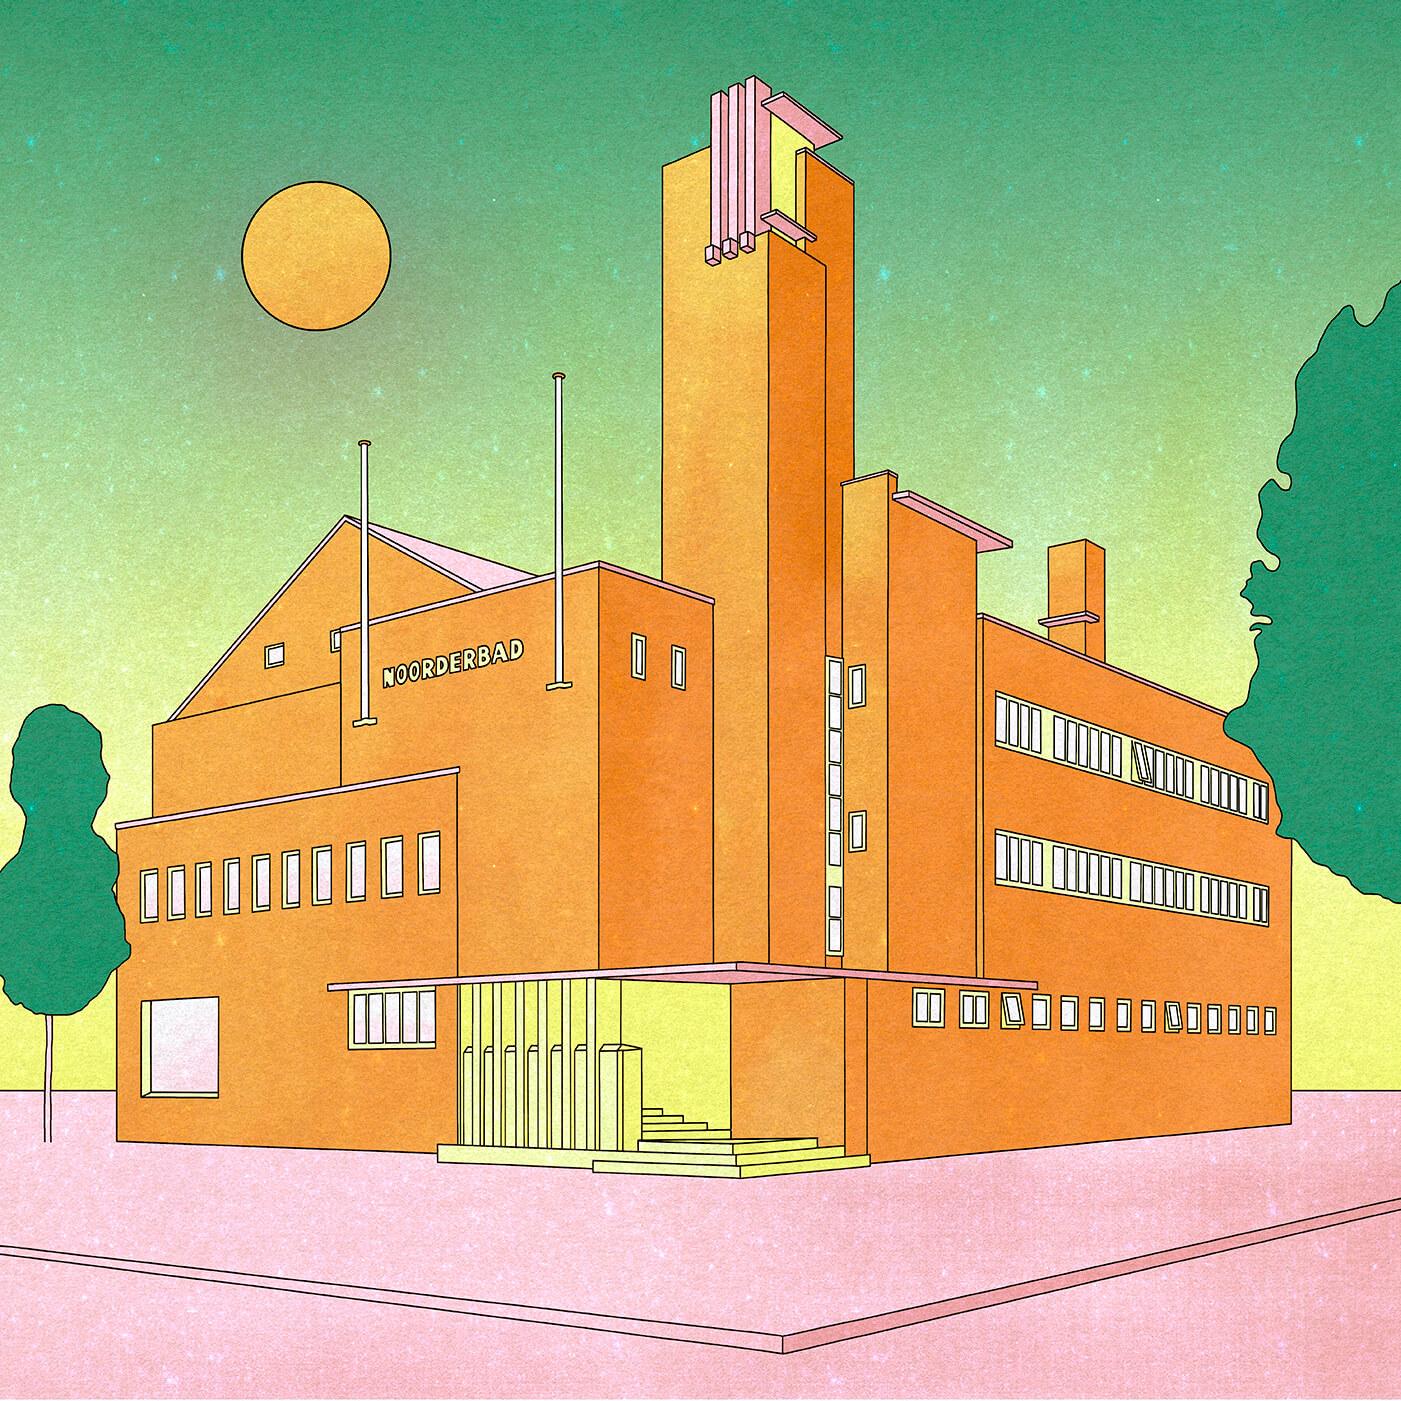 Illustration - Noorderbad Groningen